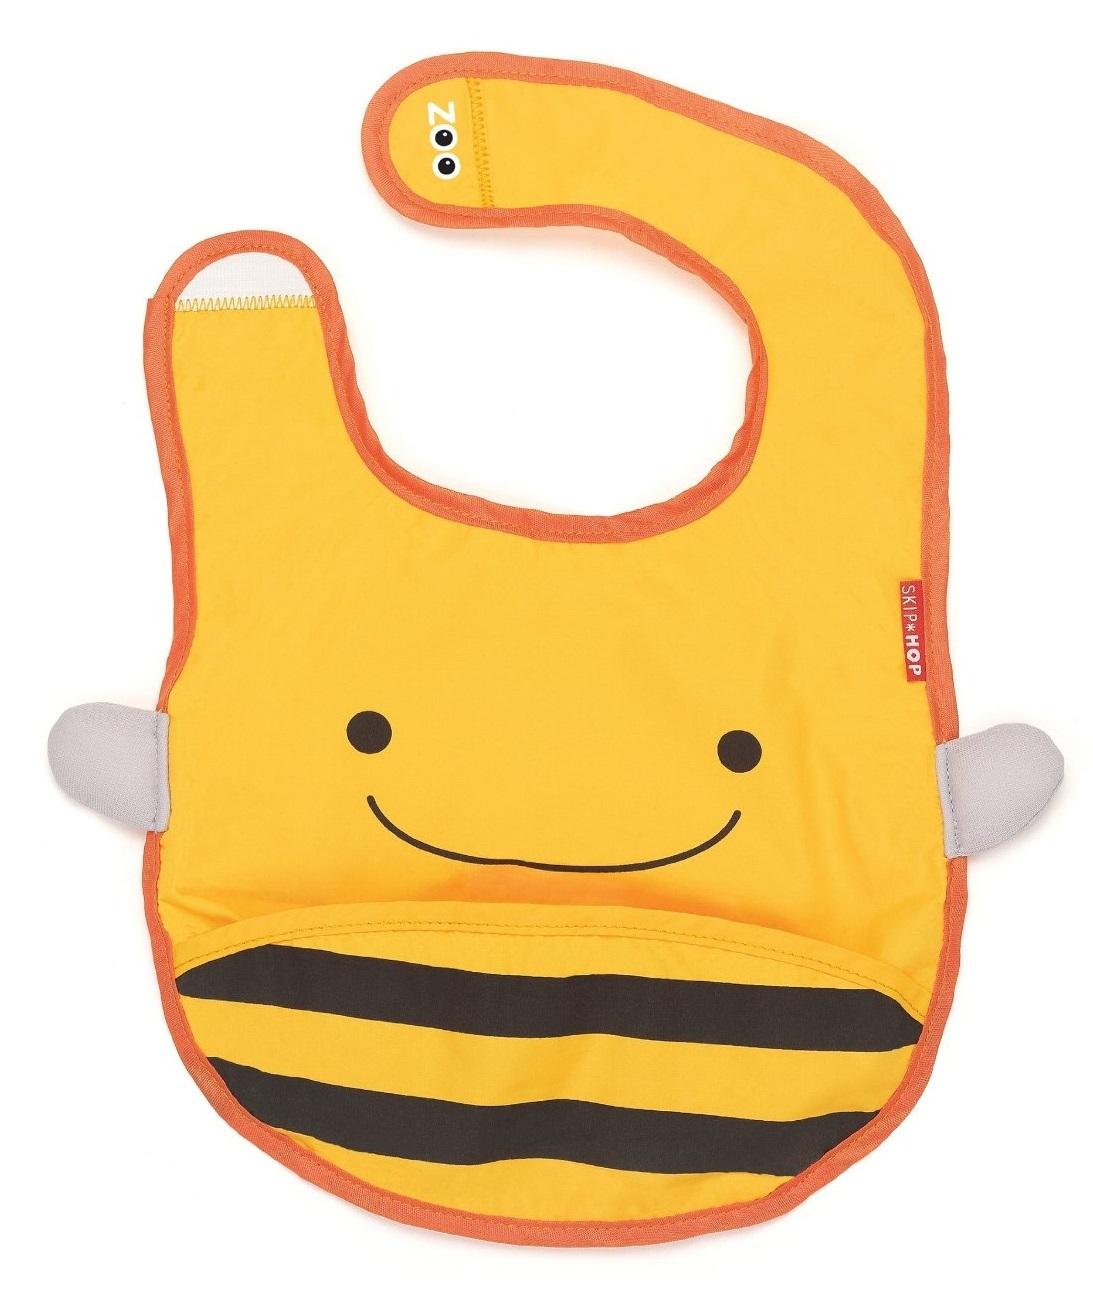 Skip Hop: Zoo Bib - Bee image